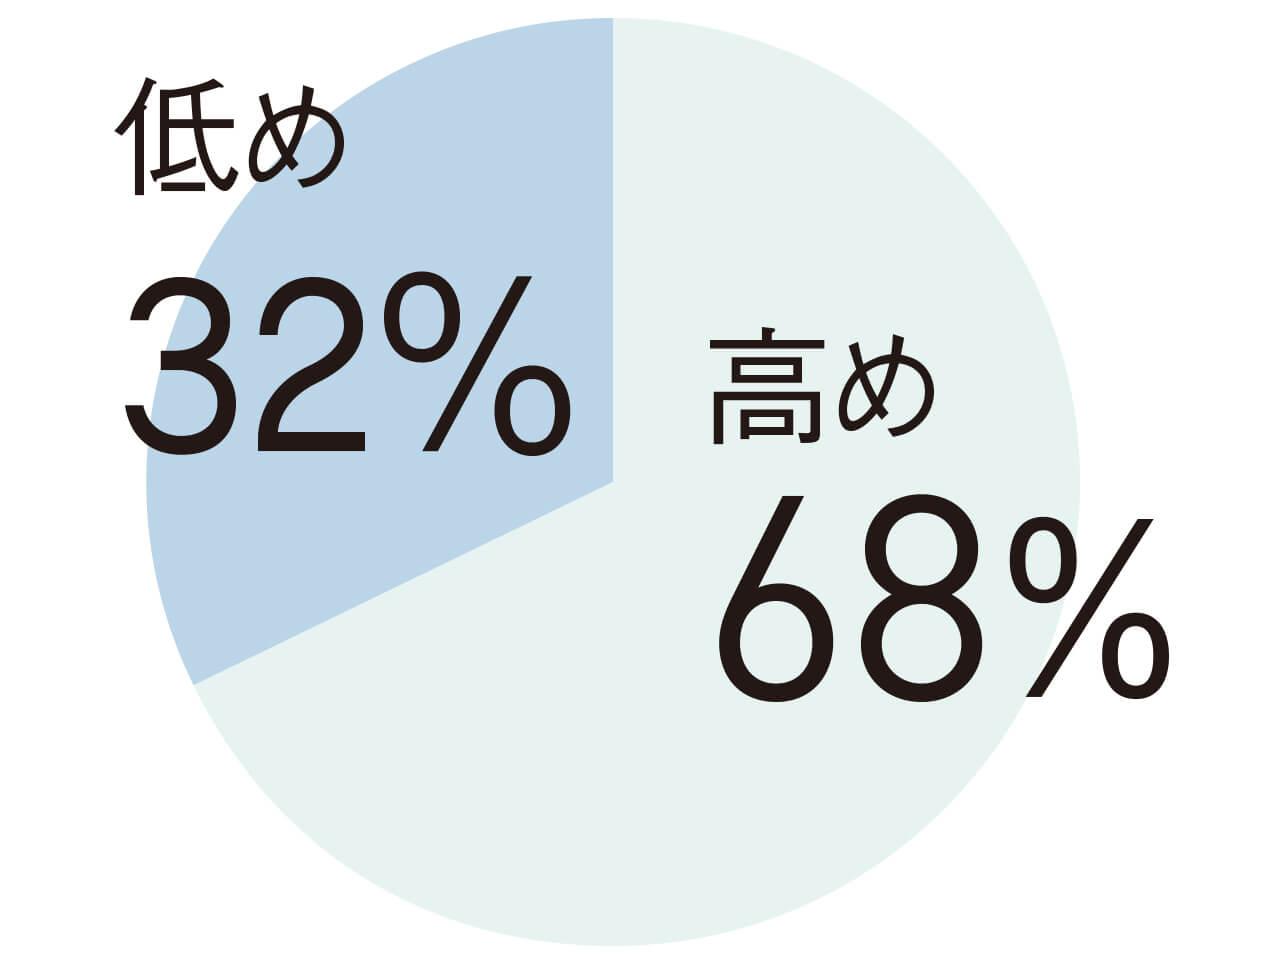 低め32% 高め68%